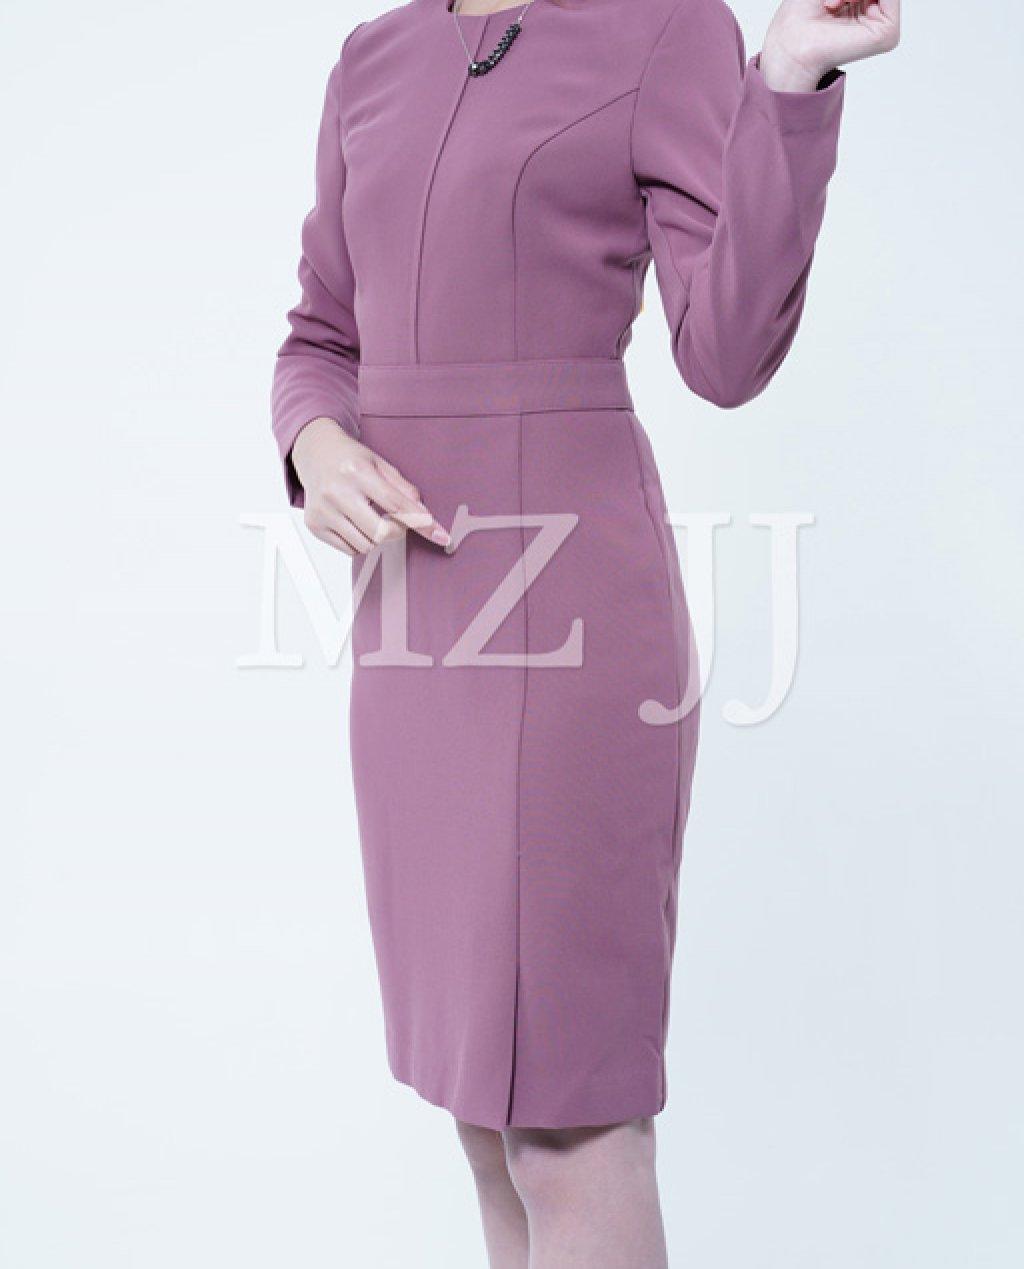 OP13325PK Dress